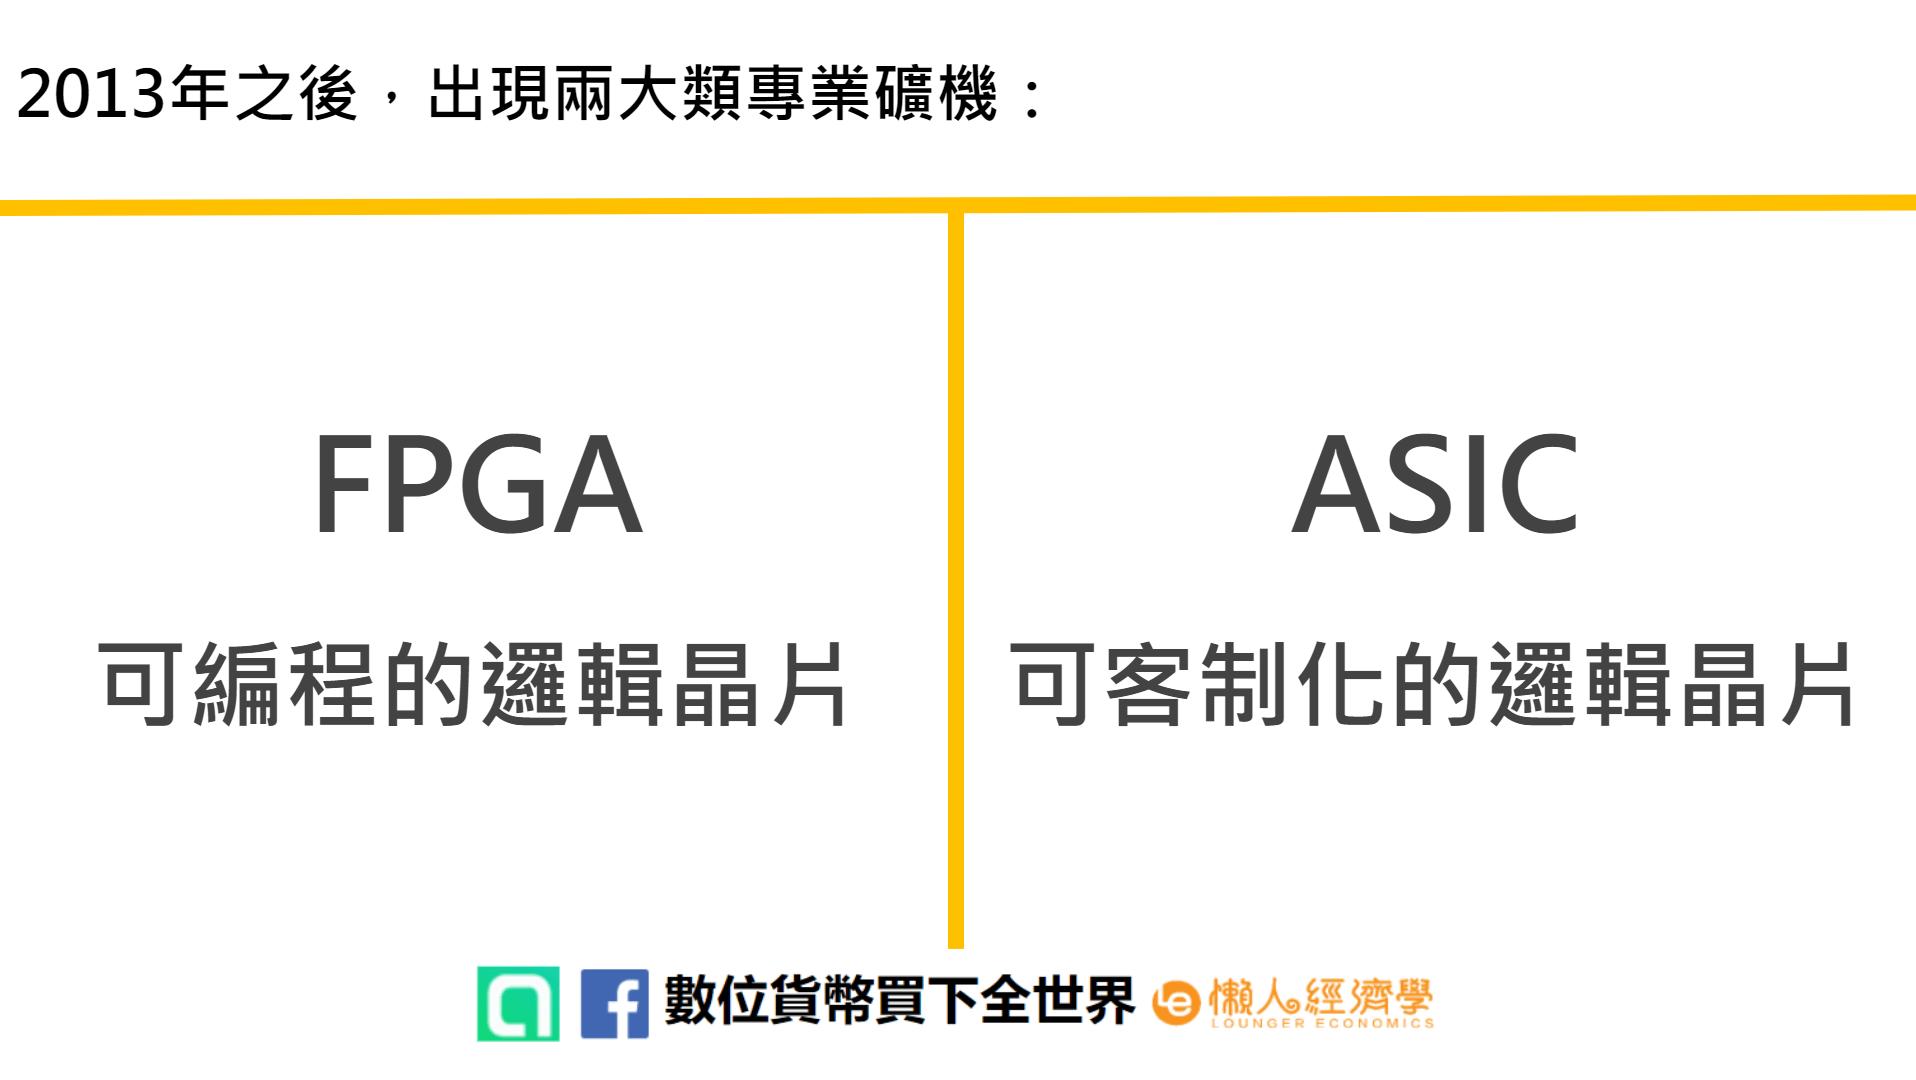 2013年之後,比特幣挖礦主要的礦機分為FPGA、ASIC這兩大類